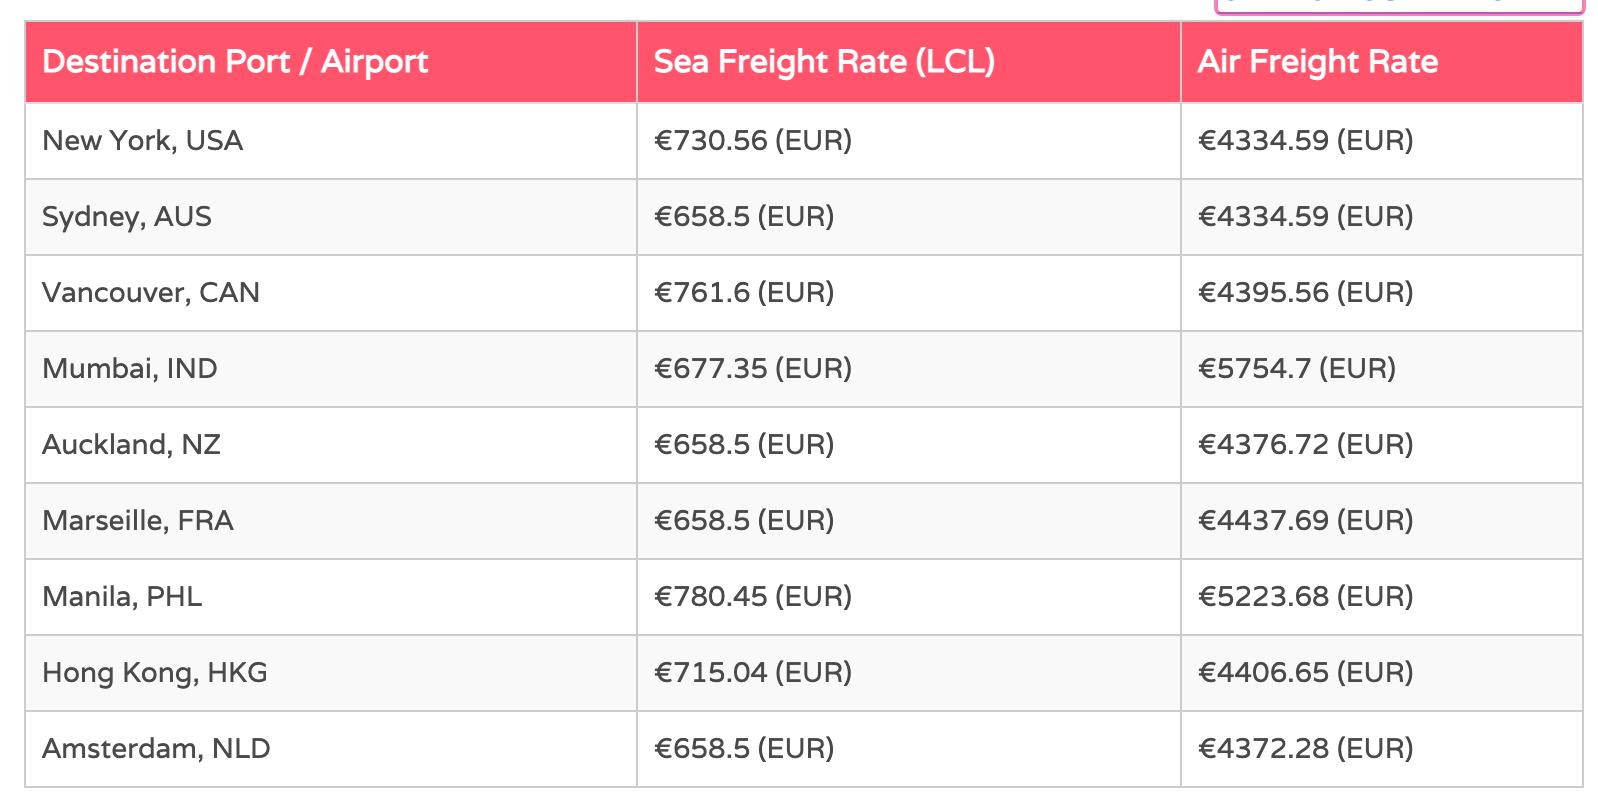 precios de transporte en importación desde Reino Unido